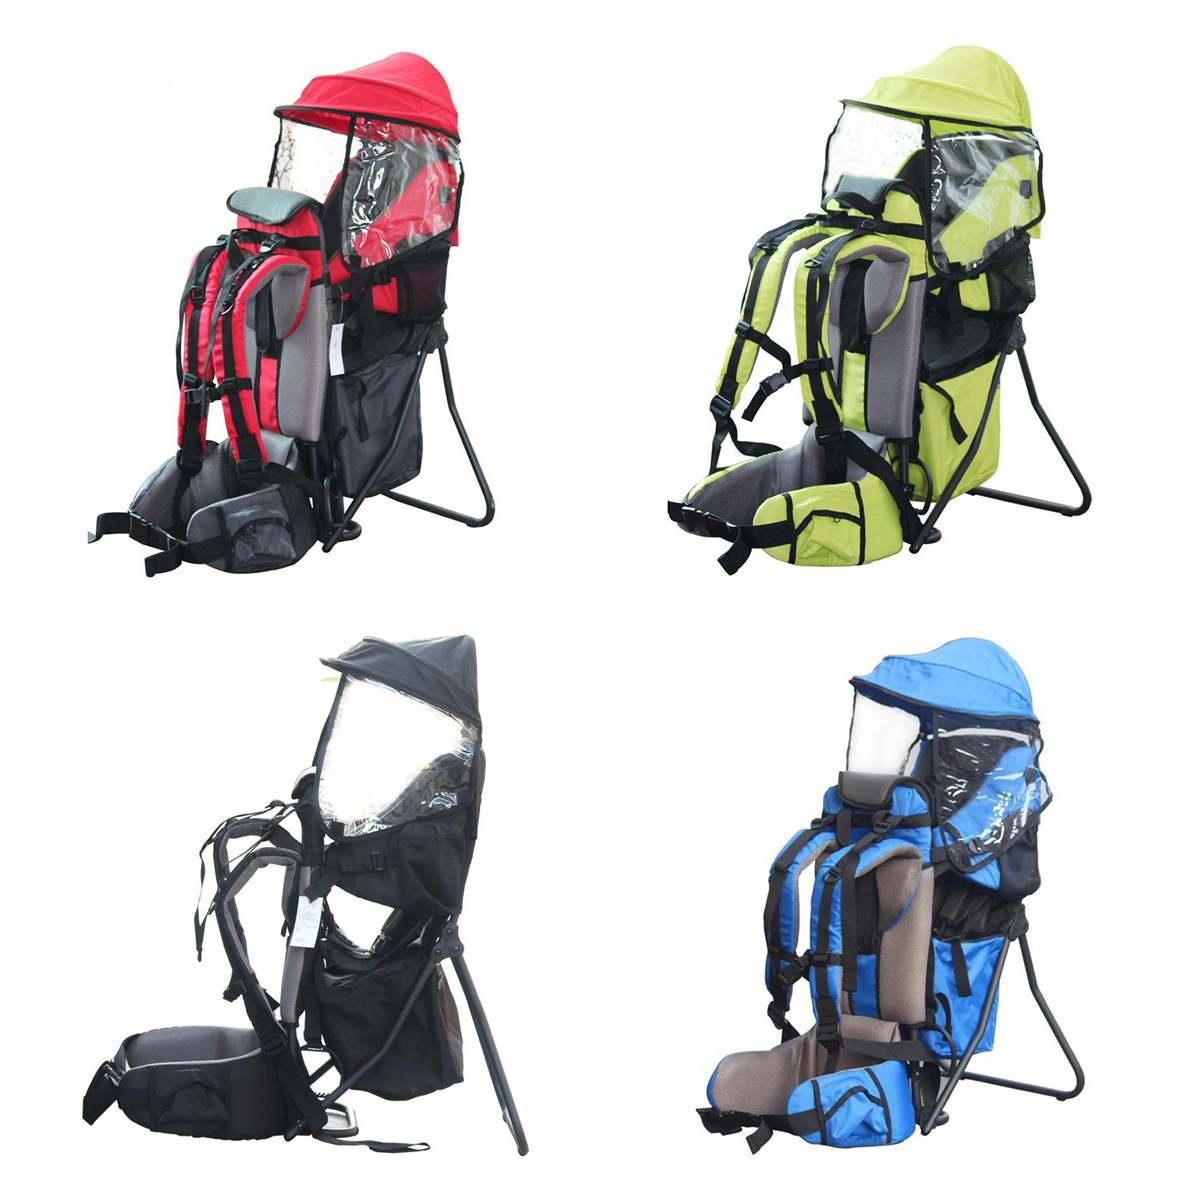 Charge 30kg réglable en plein air bébé enfant en bas âge sac à dos Camping escalade sac étanche alpinisme randonnée enfant enfant porteur